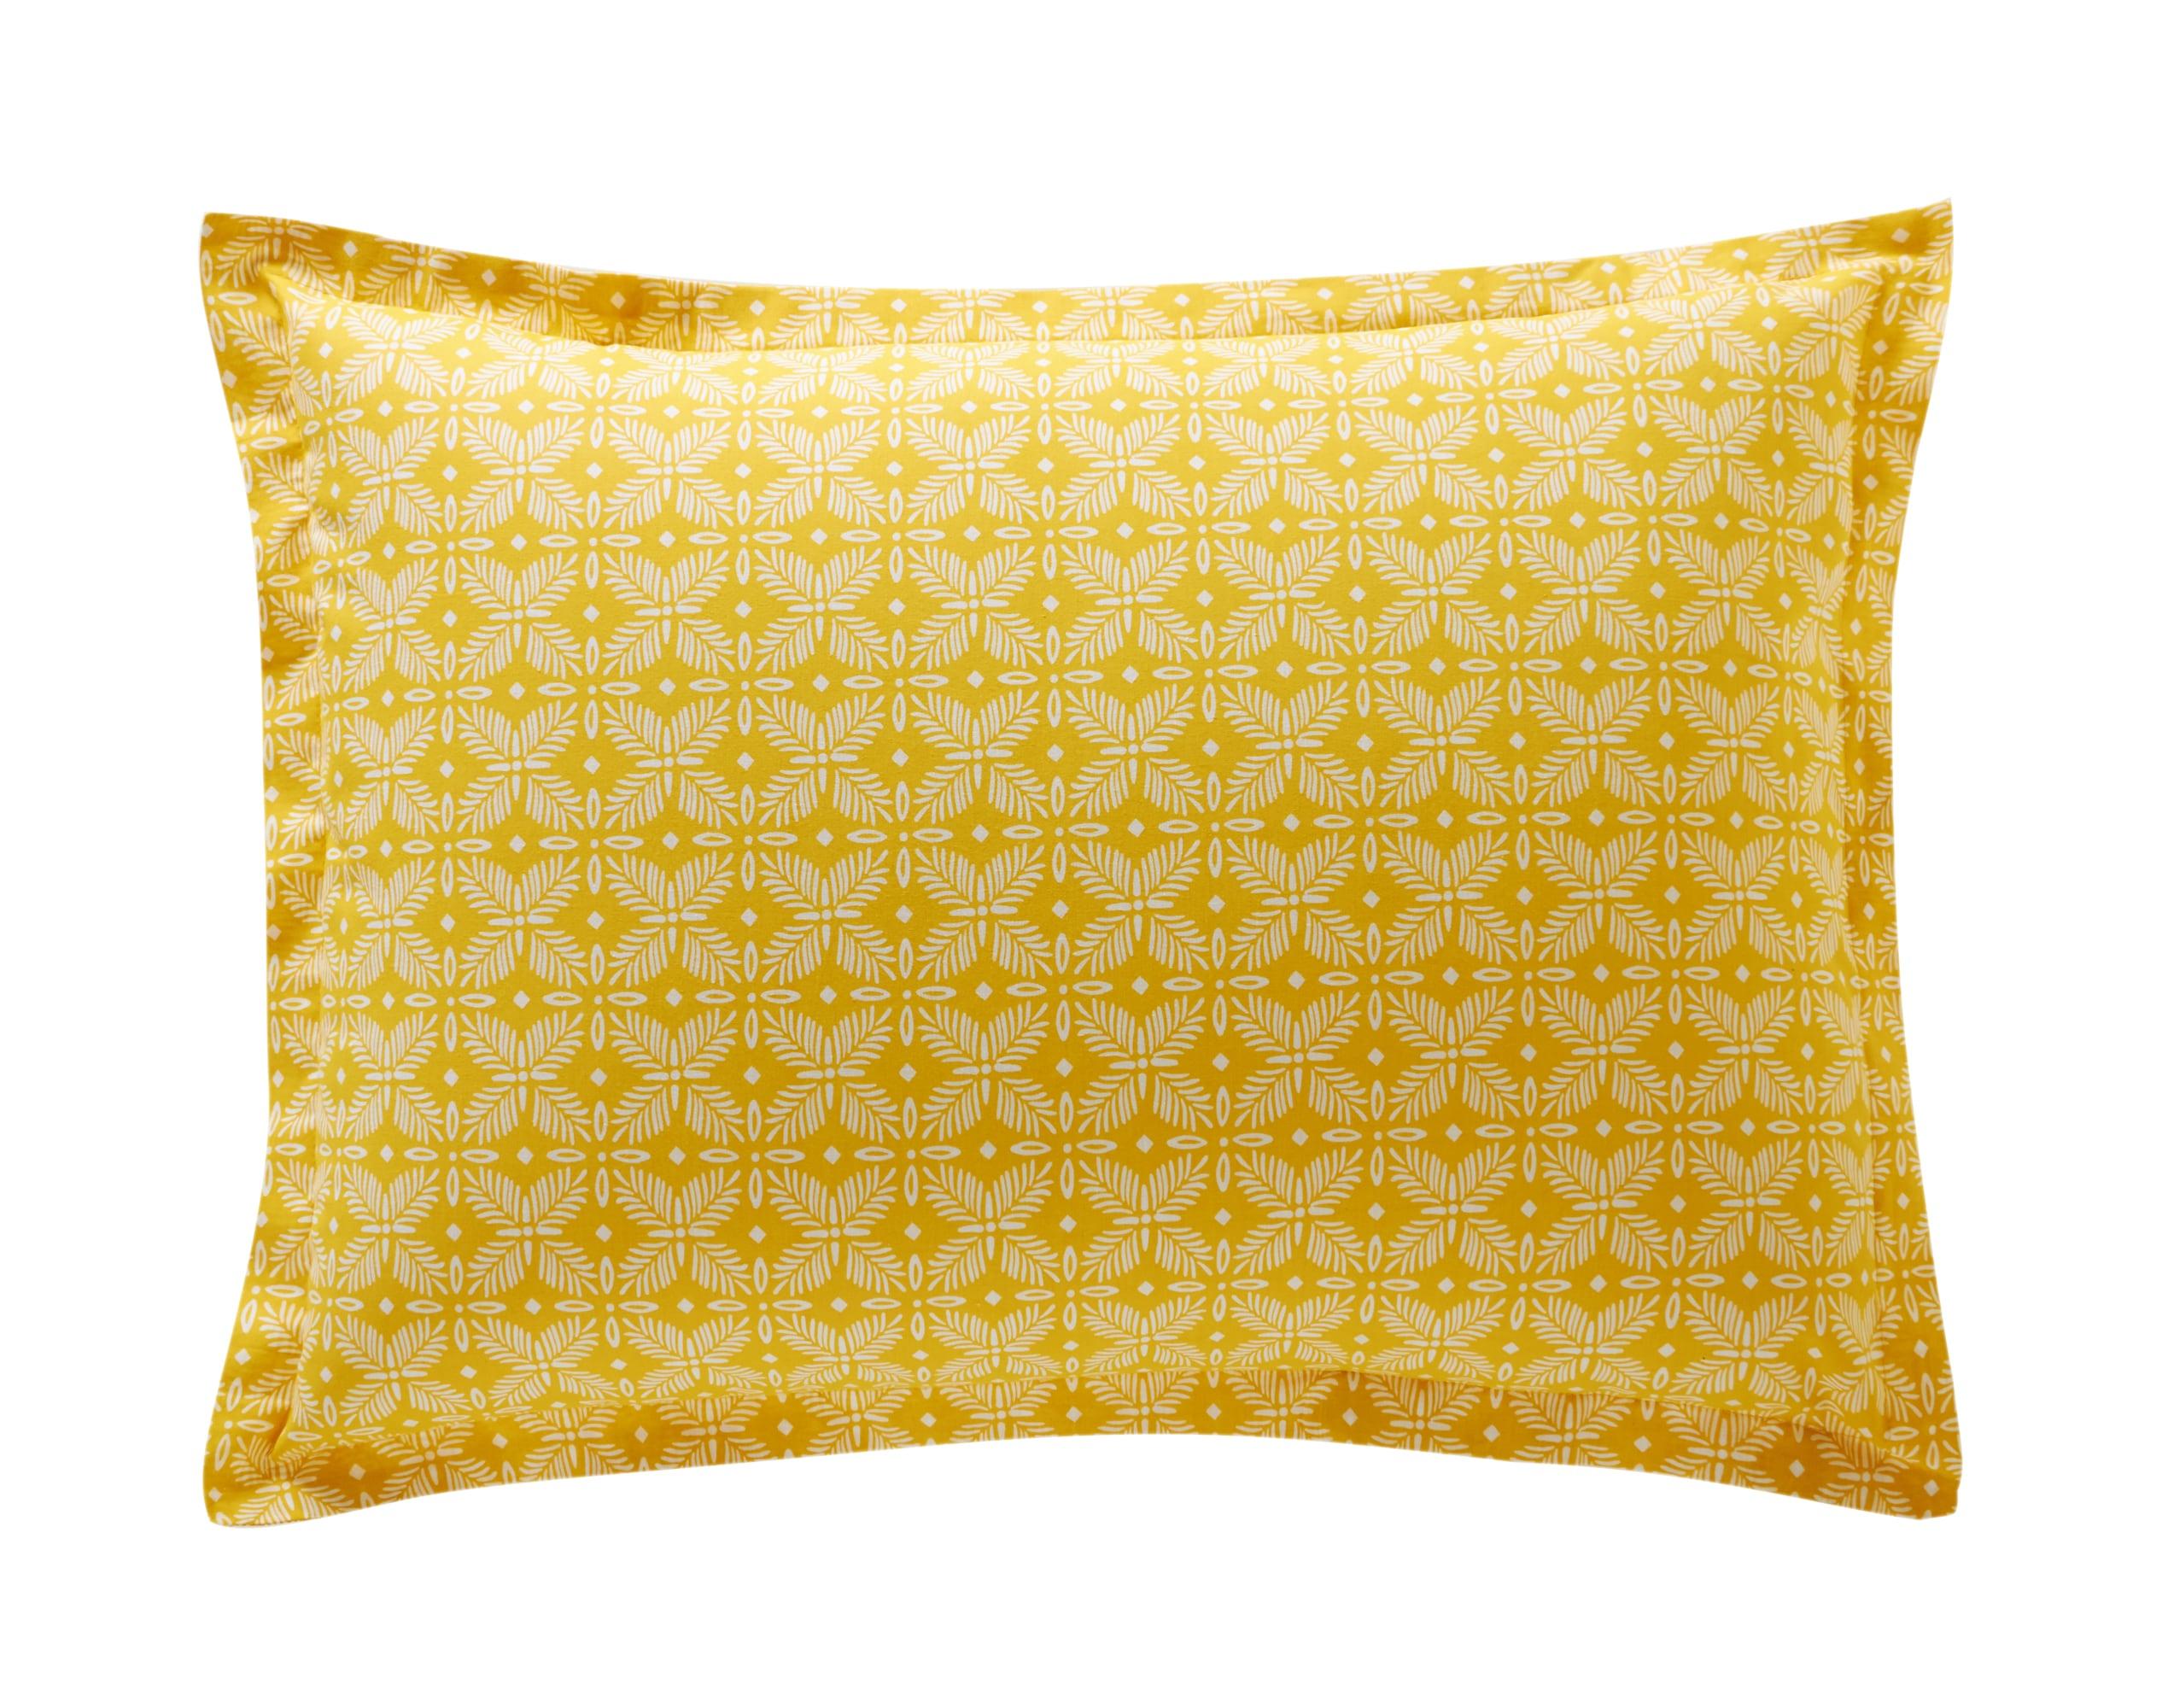 Taie d'oreiller rectangulaire en coton jaune citron